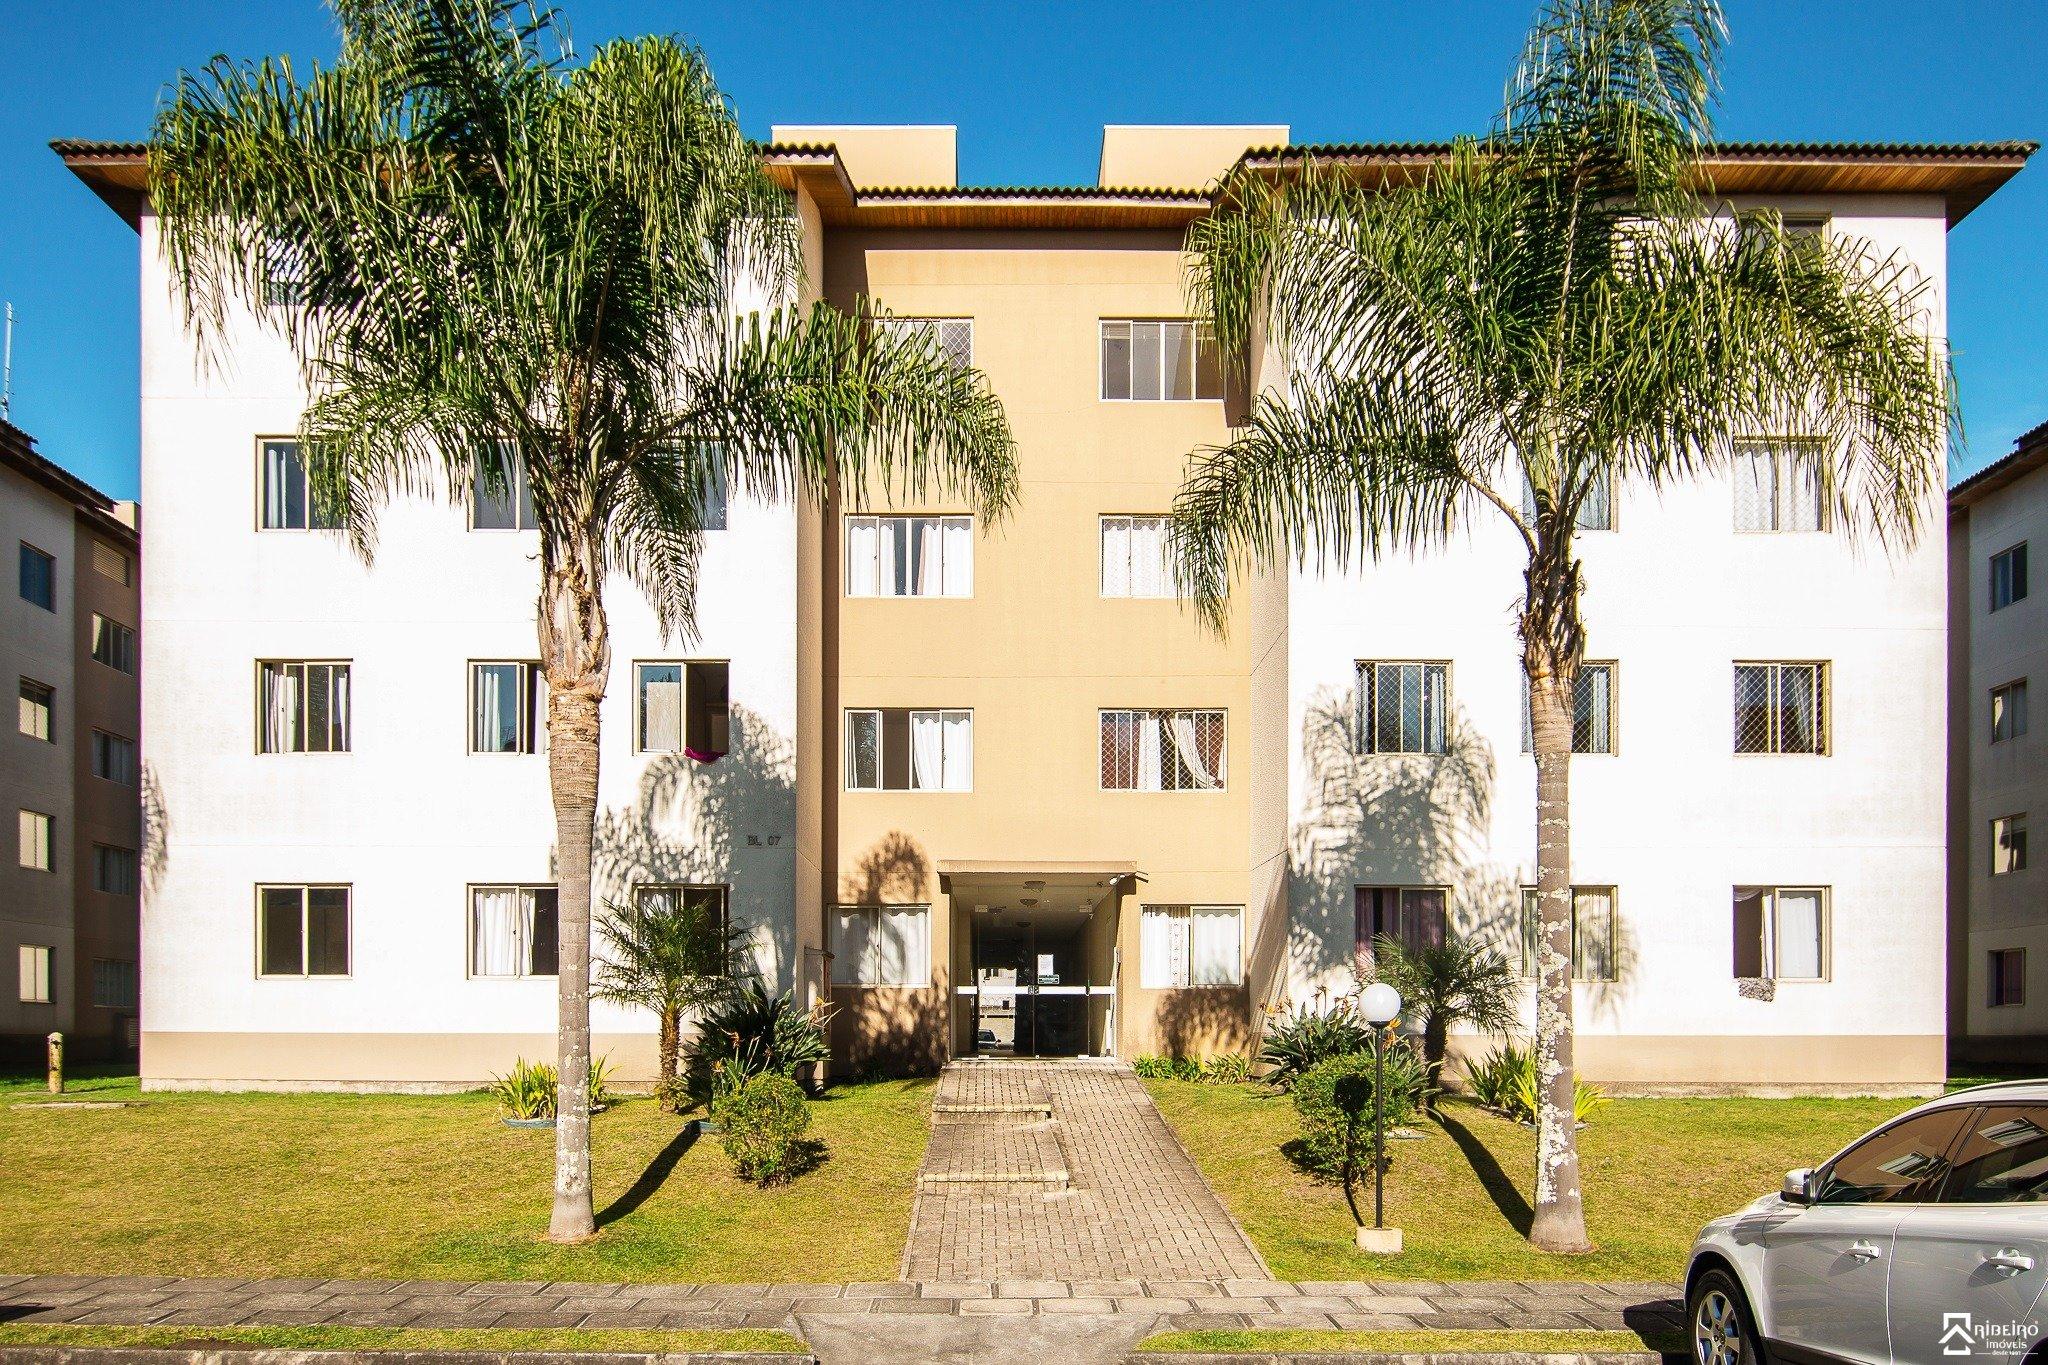 REF. 2143 -  São José Dos Pinhais - Rua  Adir Pedroso, 591 - Apto 45 - Bl 01